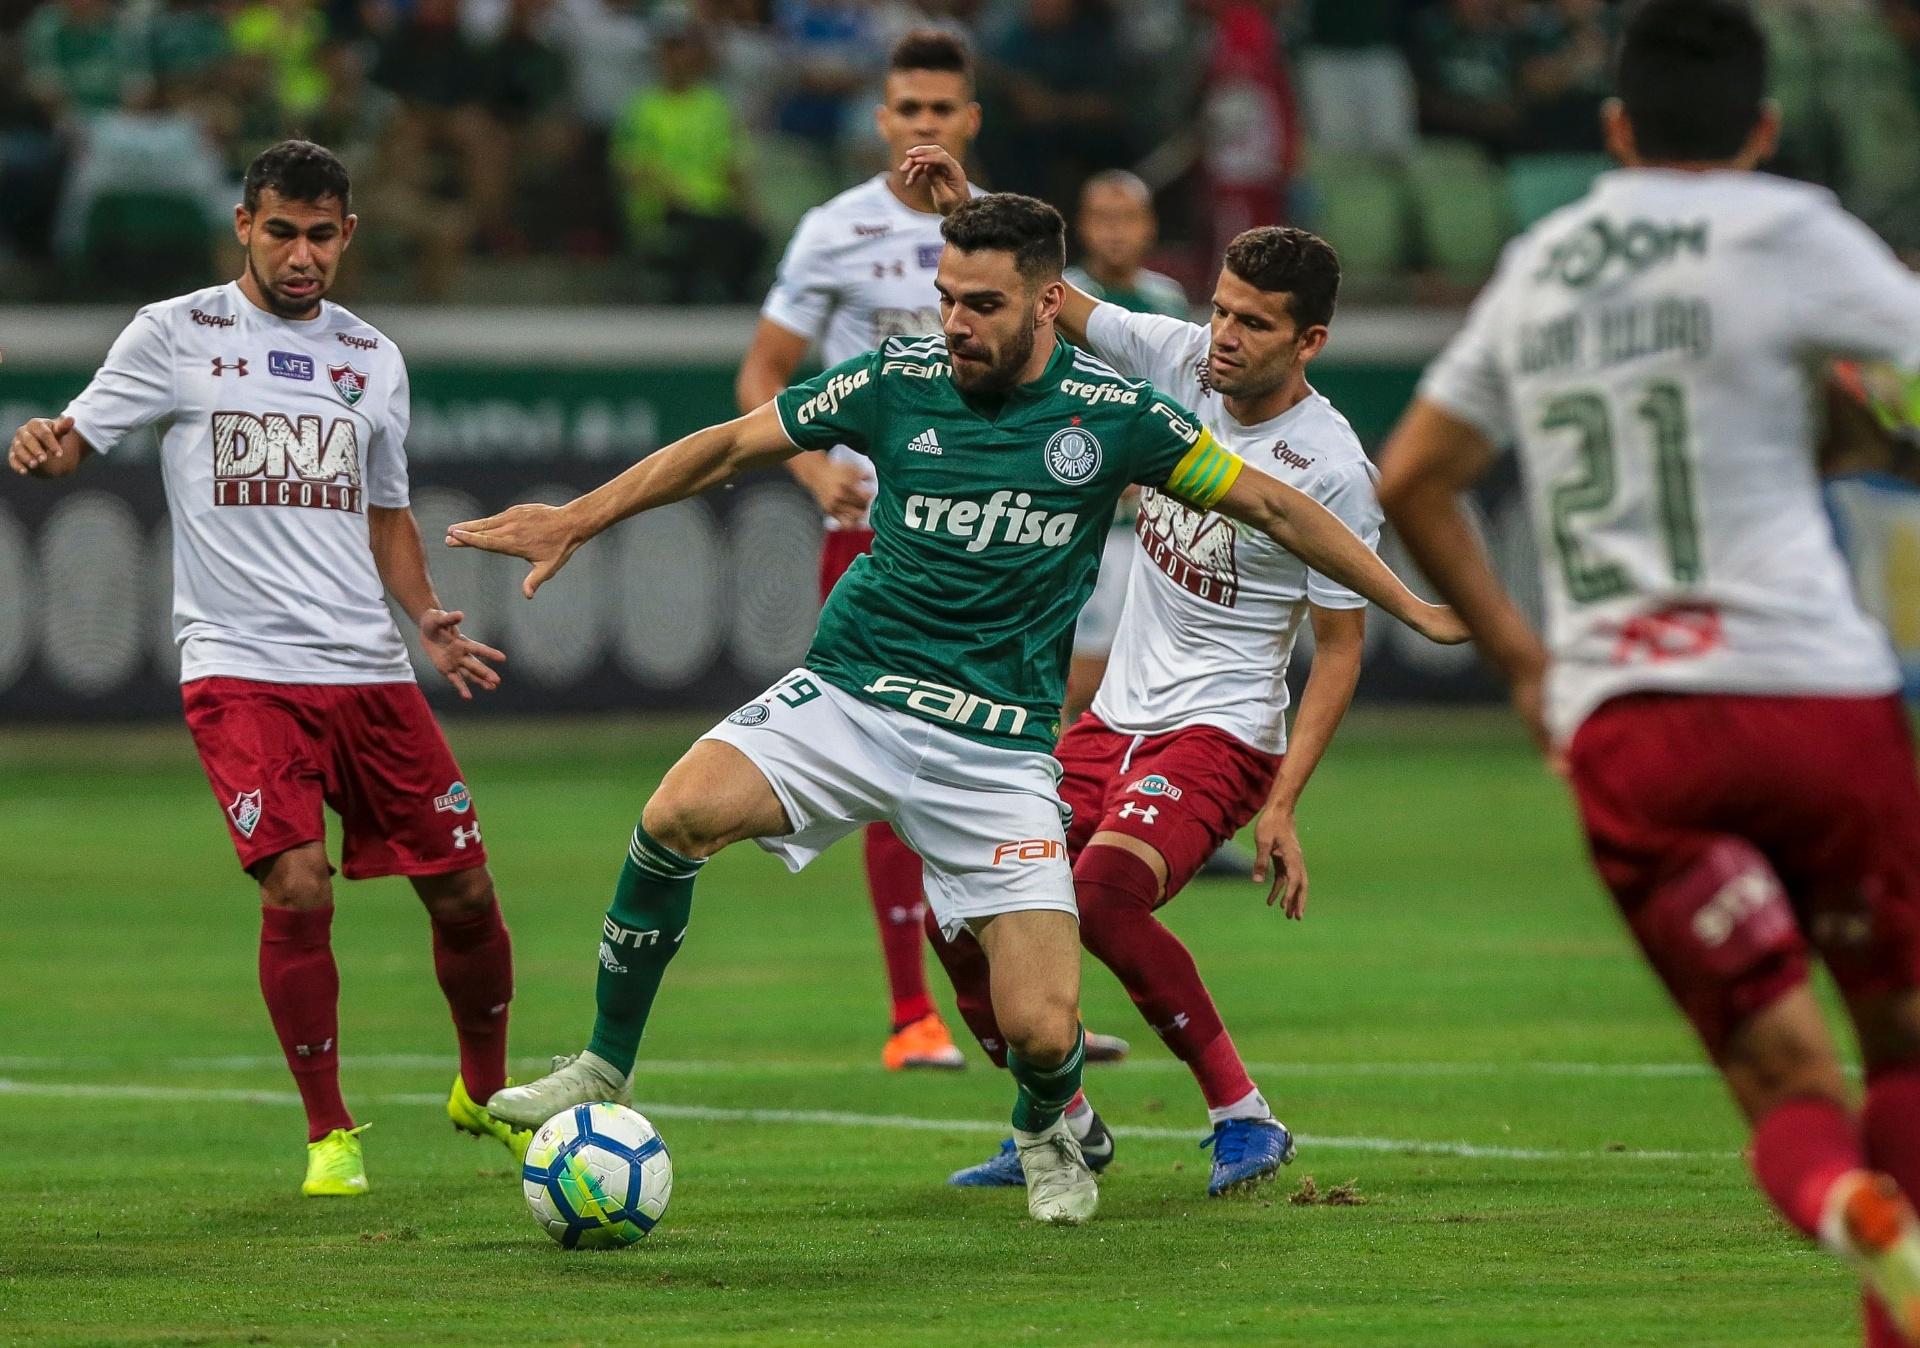 4a4e1d8678 Palmeiras é sondado e se preocupa com futuro de Bruno Henrique e Moisés -  19 12 2018 - UOL Esporte